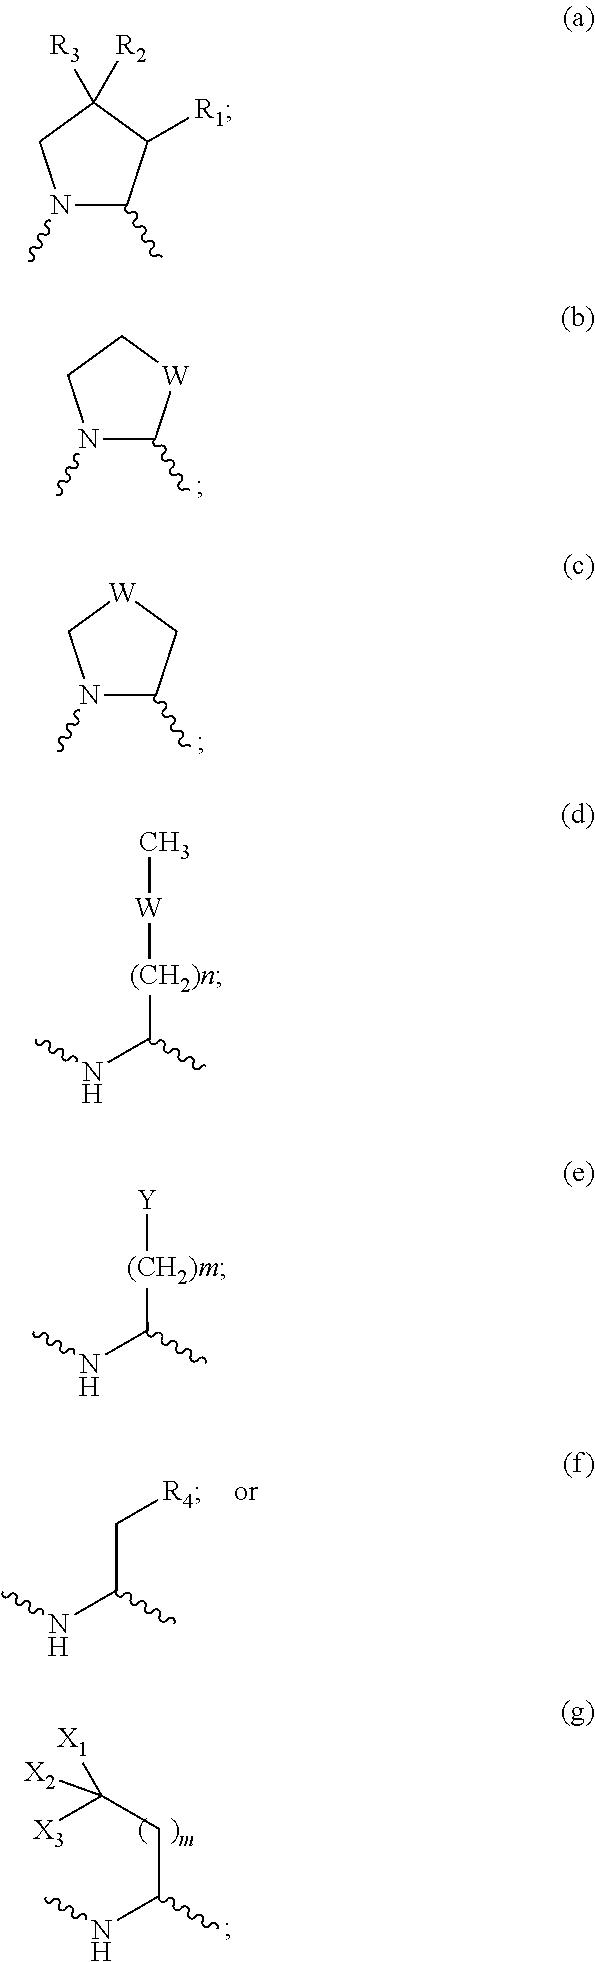 Figure US08088804-20120103-C00003